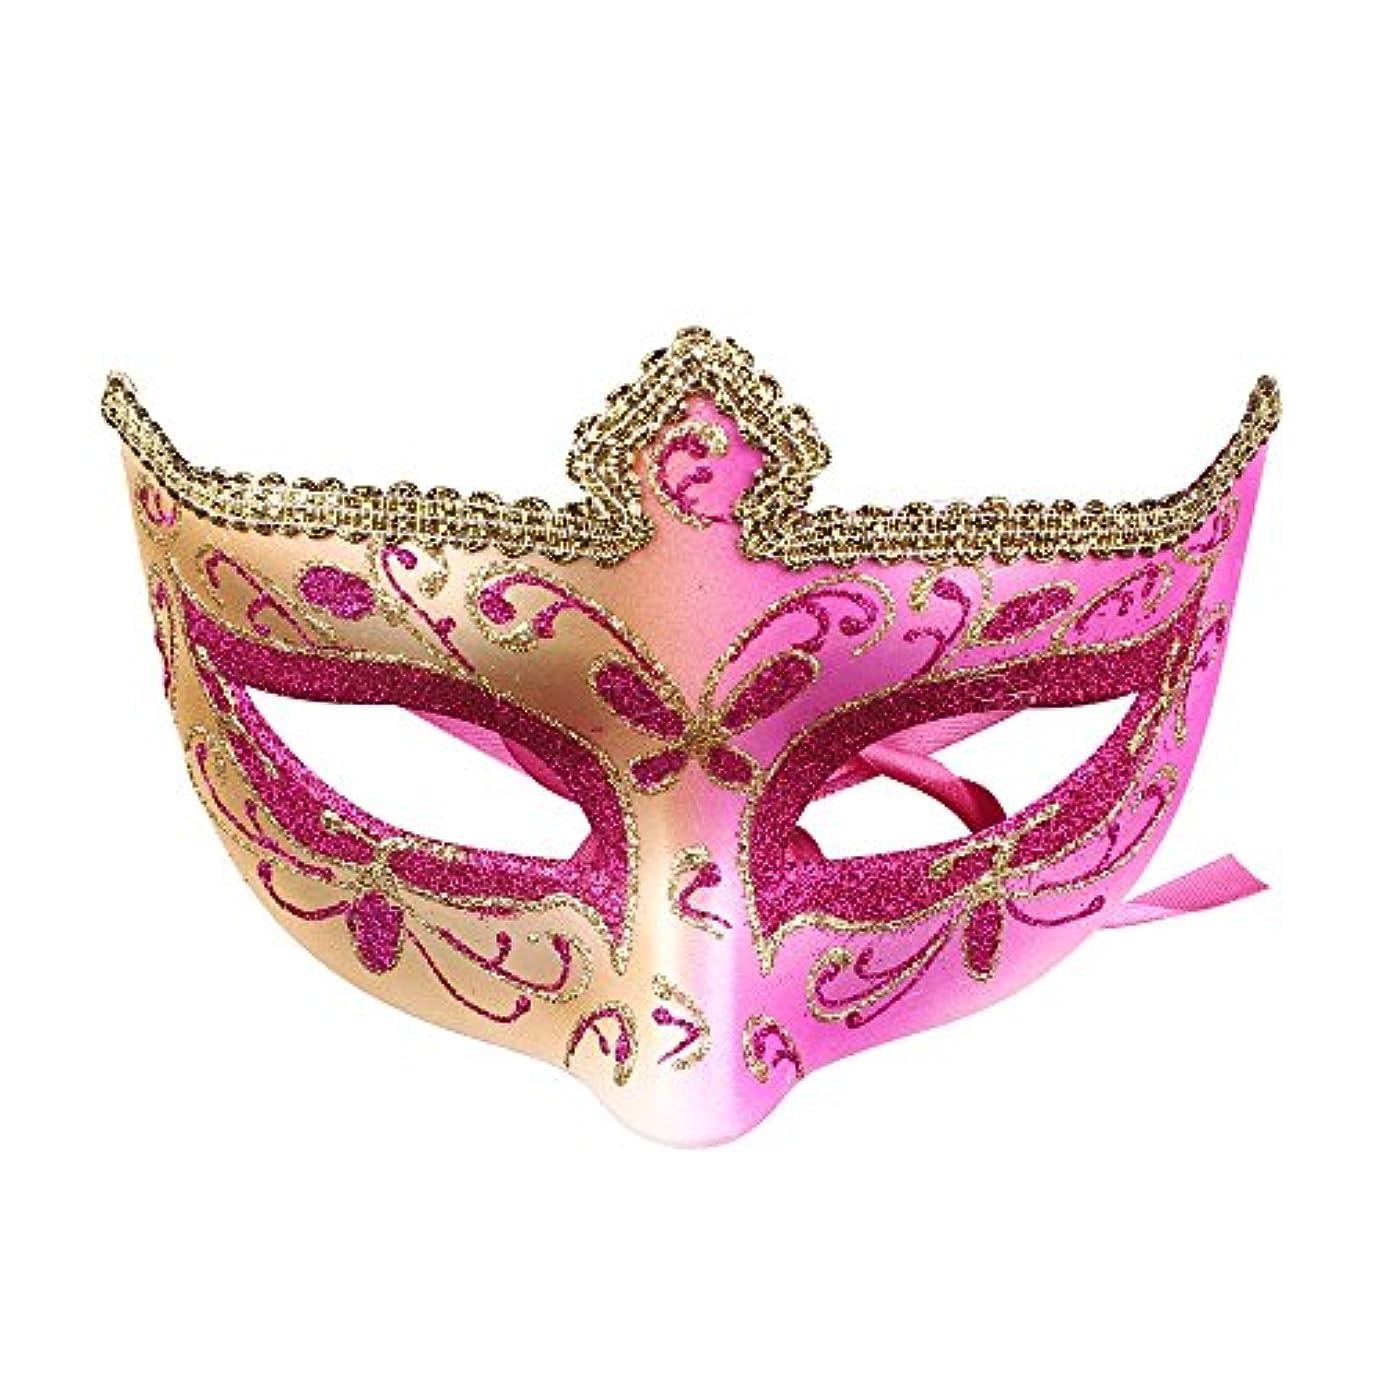 脱走バッジアベニュークリエイティブ仮面舞??踏会レースマスク美容ハーフフェイス女性身に着けているマスクハロウィーン祭りパーティー用品 (Color : BLACK)